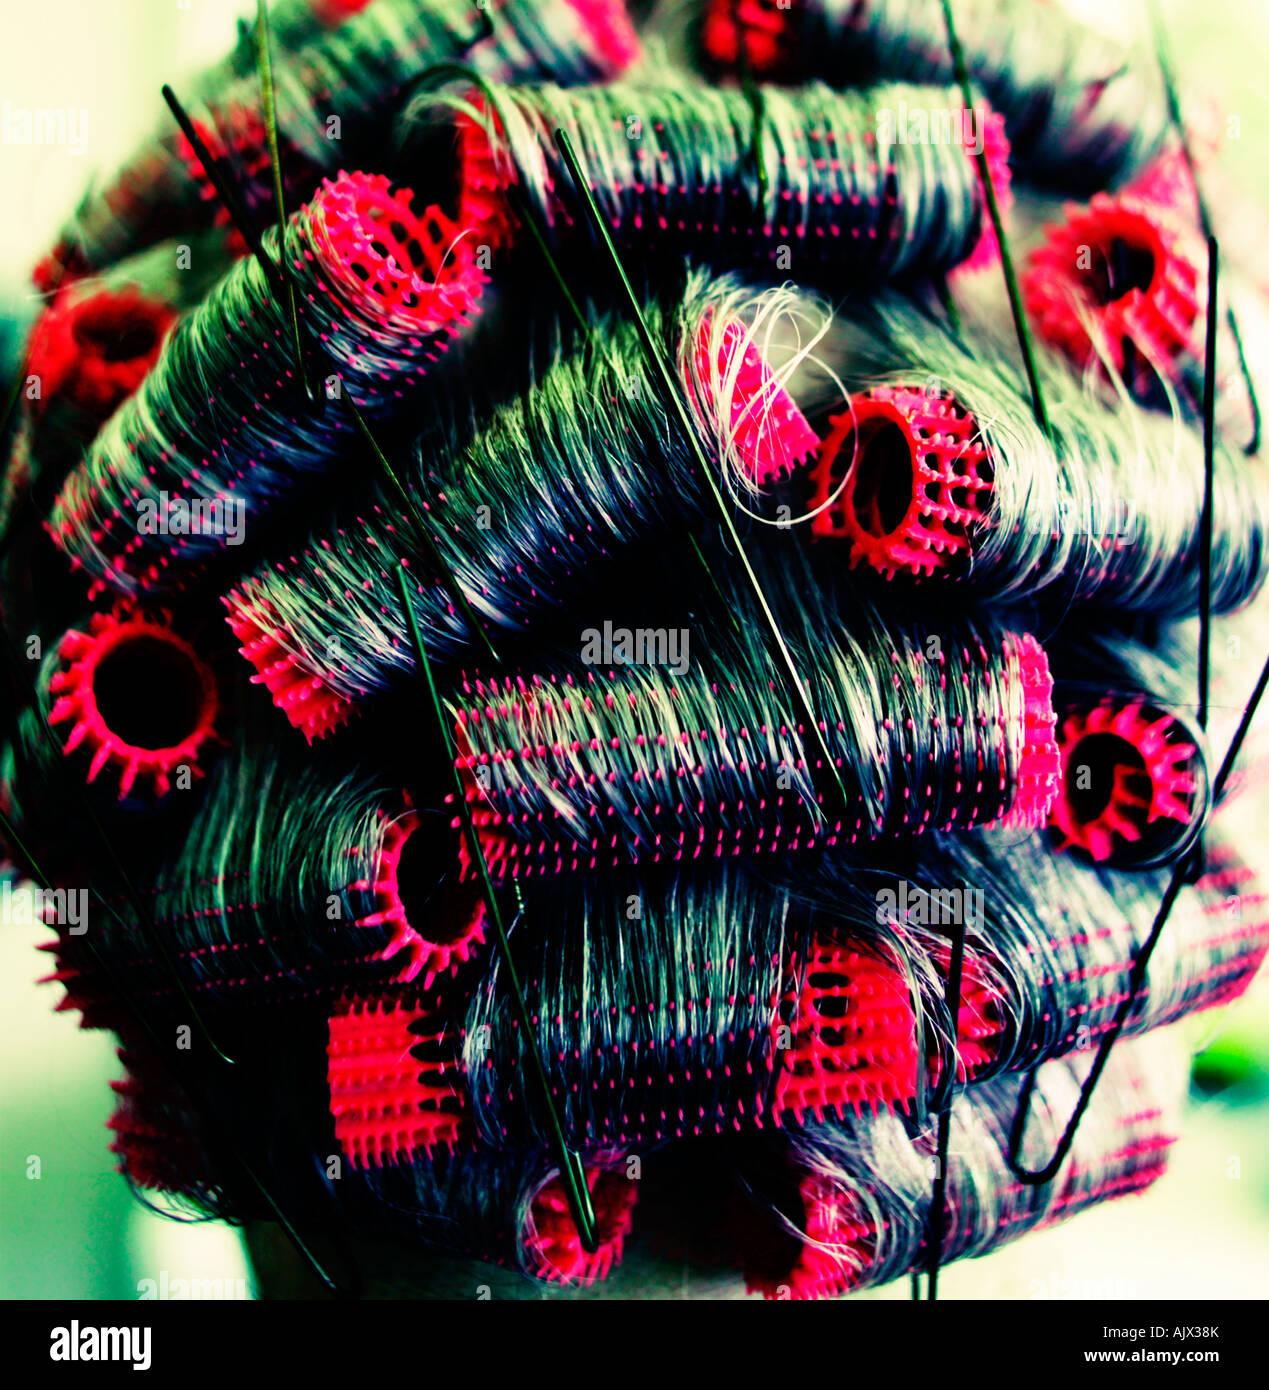 Abstract di bigodini presso i parrucchieri Immagini Stock